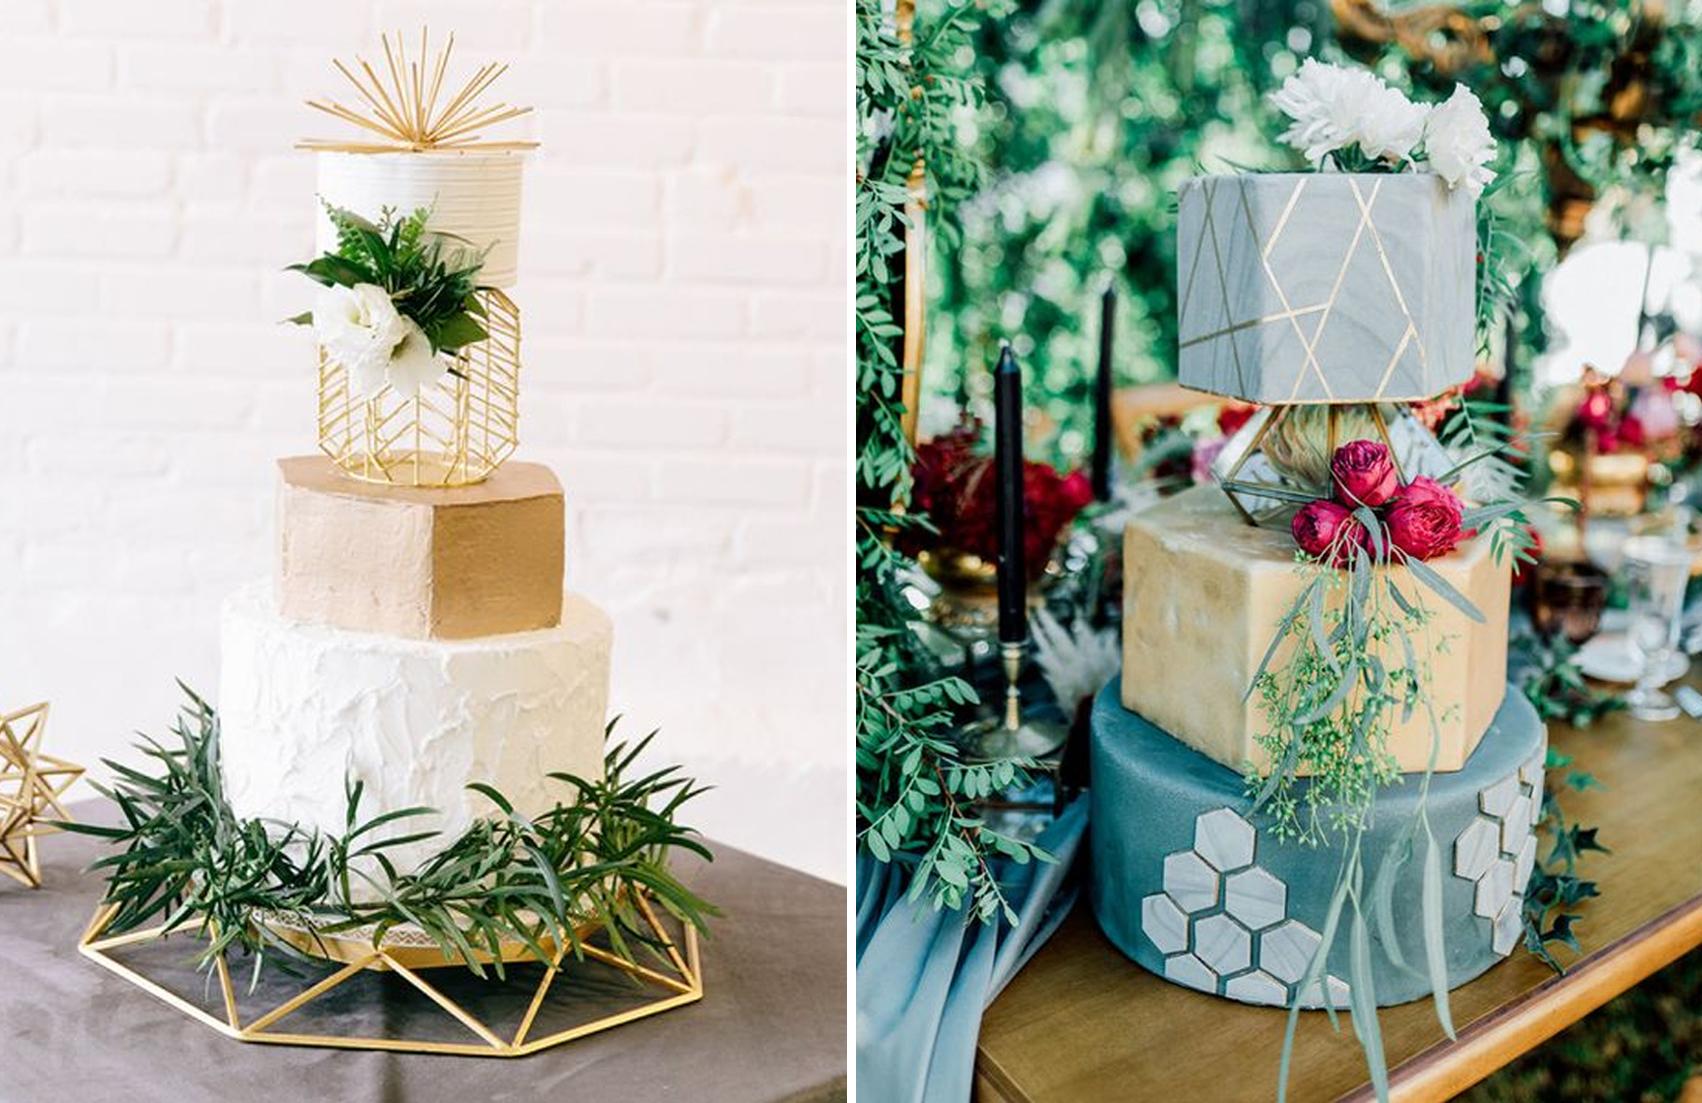 Geometrical shapes wedding cake